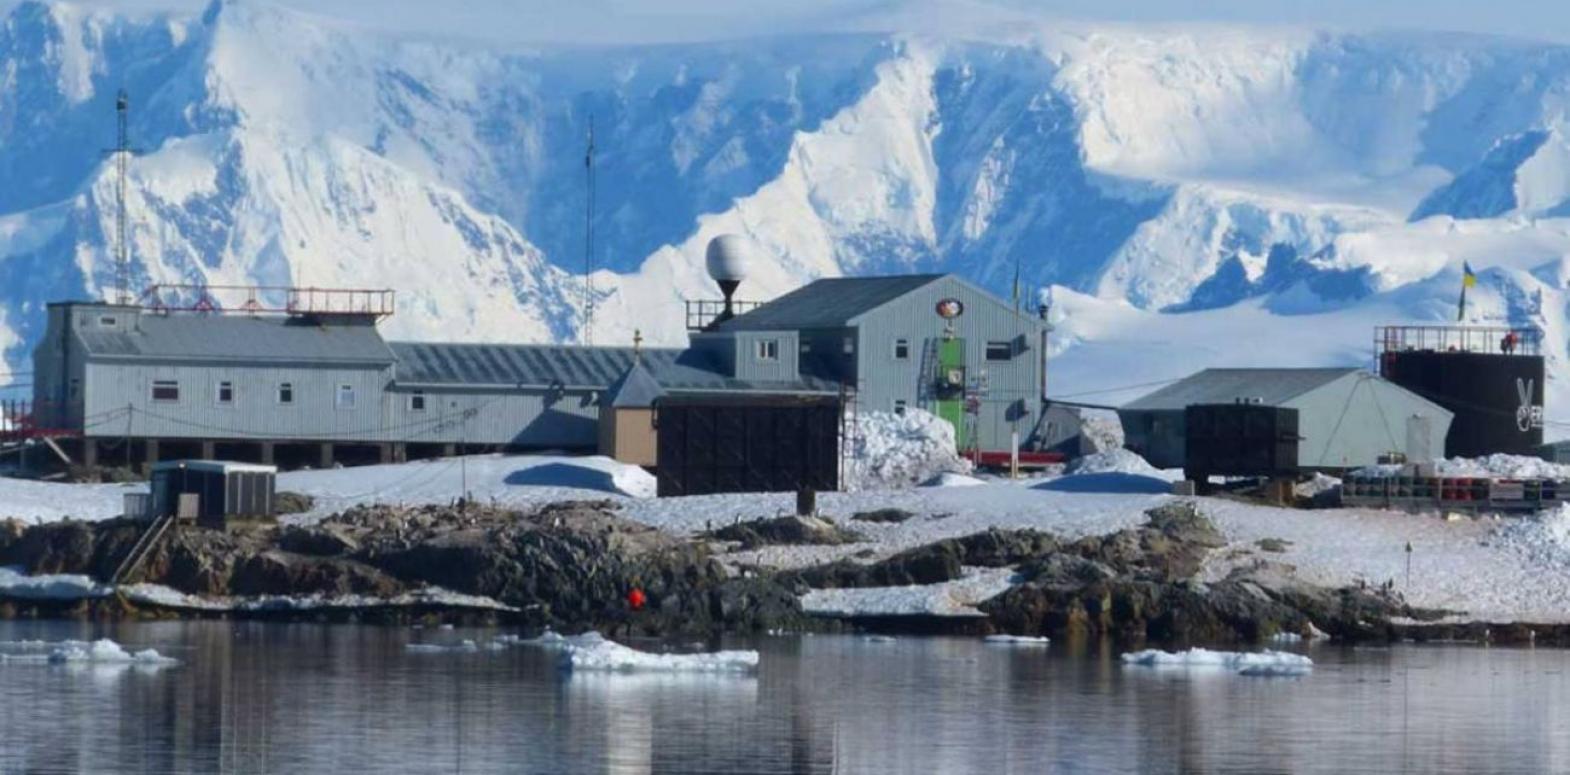 Финансирование станции в Антарктиде продлили на три года: сколько потратят из бюджета